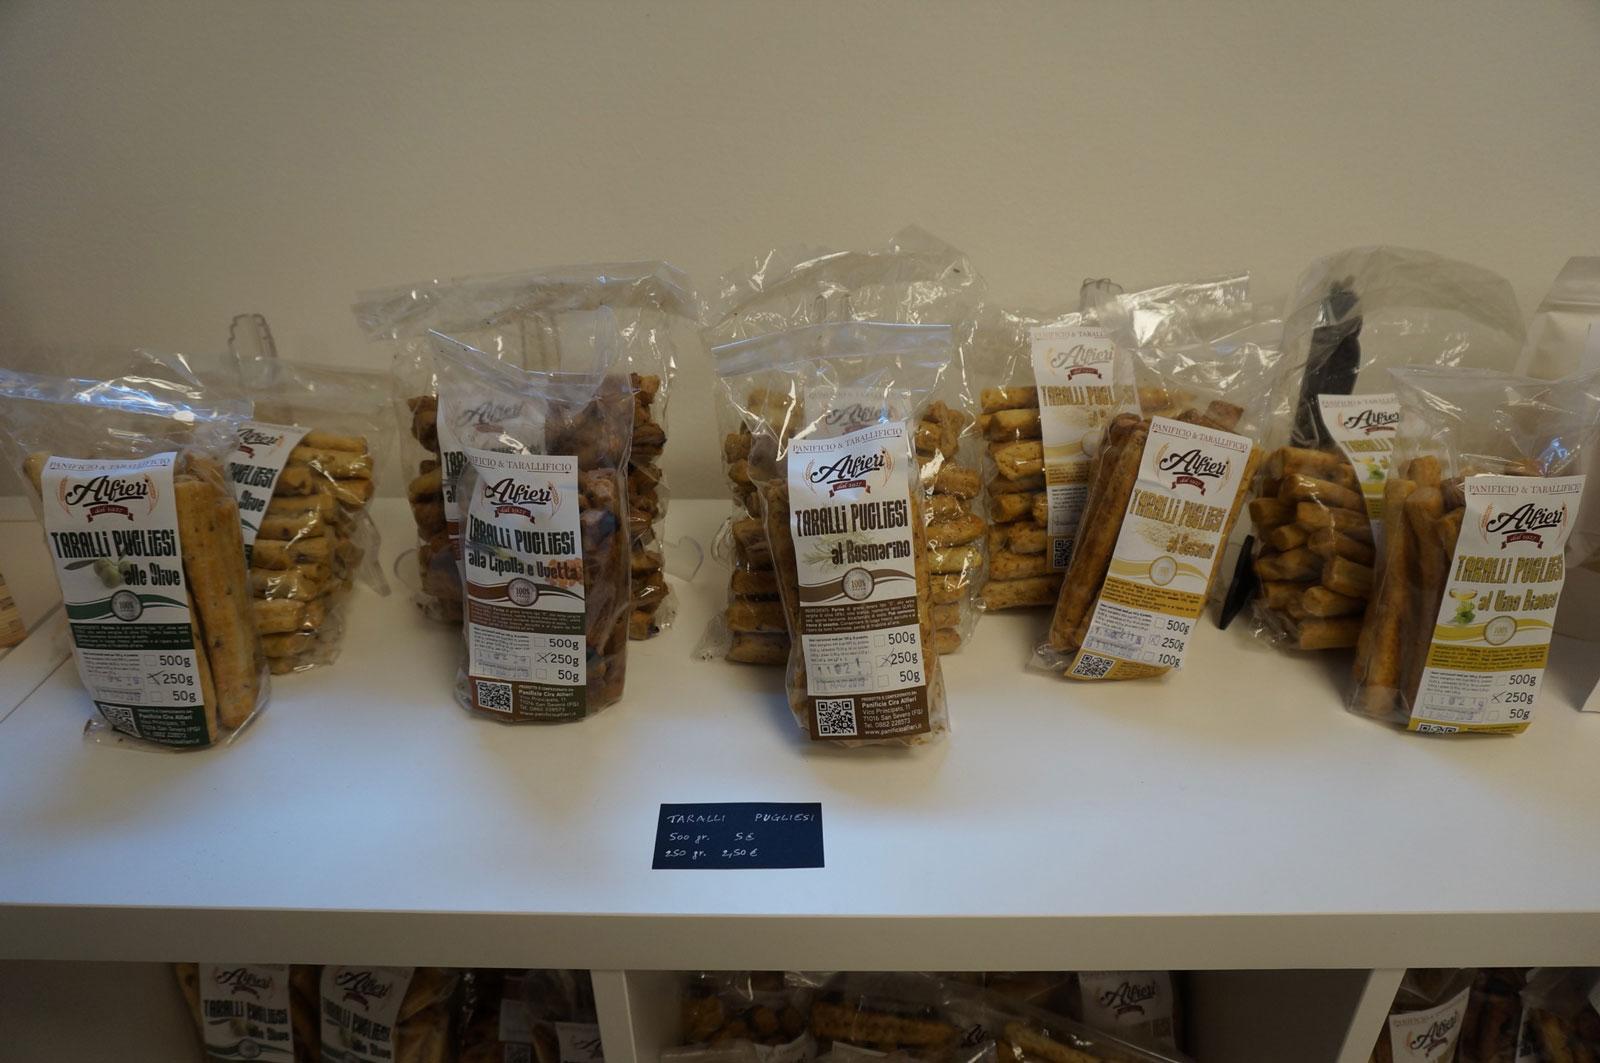 Confezioni di Tralli Pugliesi in vendita all'enoteca Botrytis